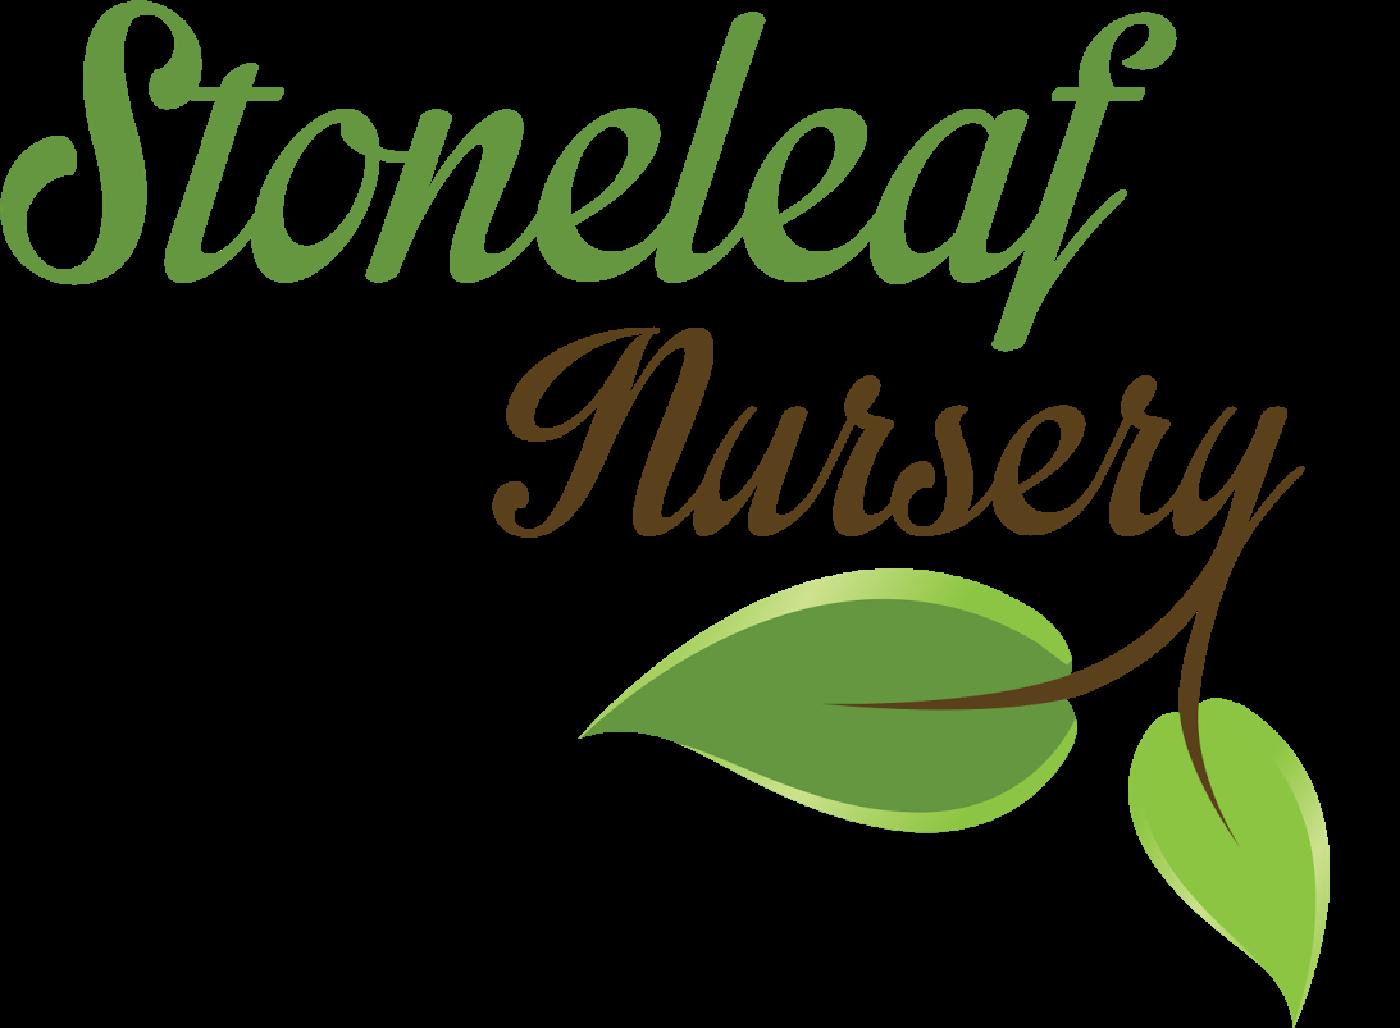 Stoneleaf Nursery